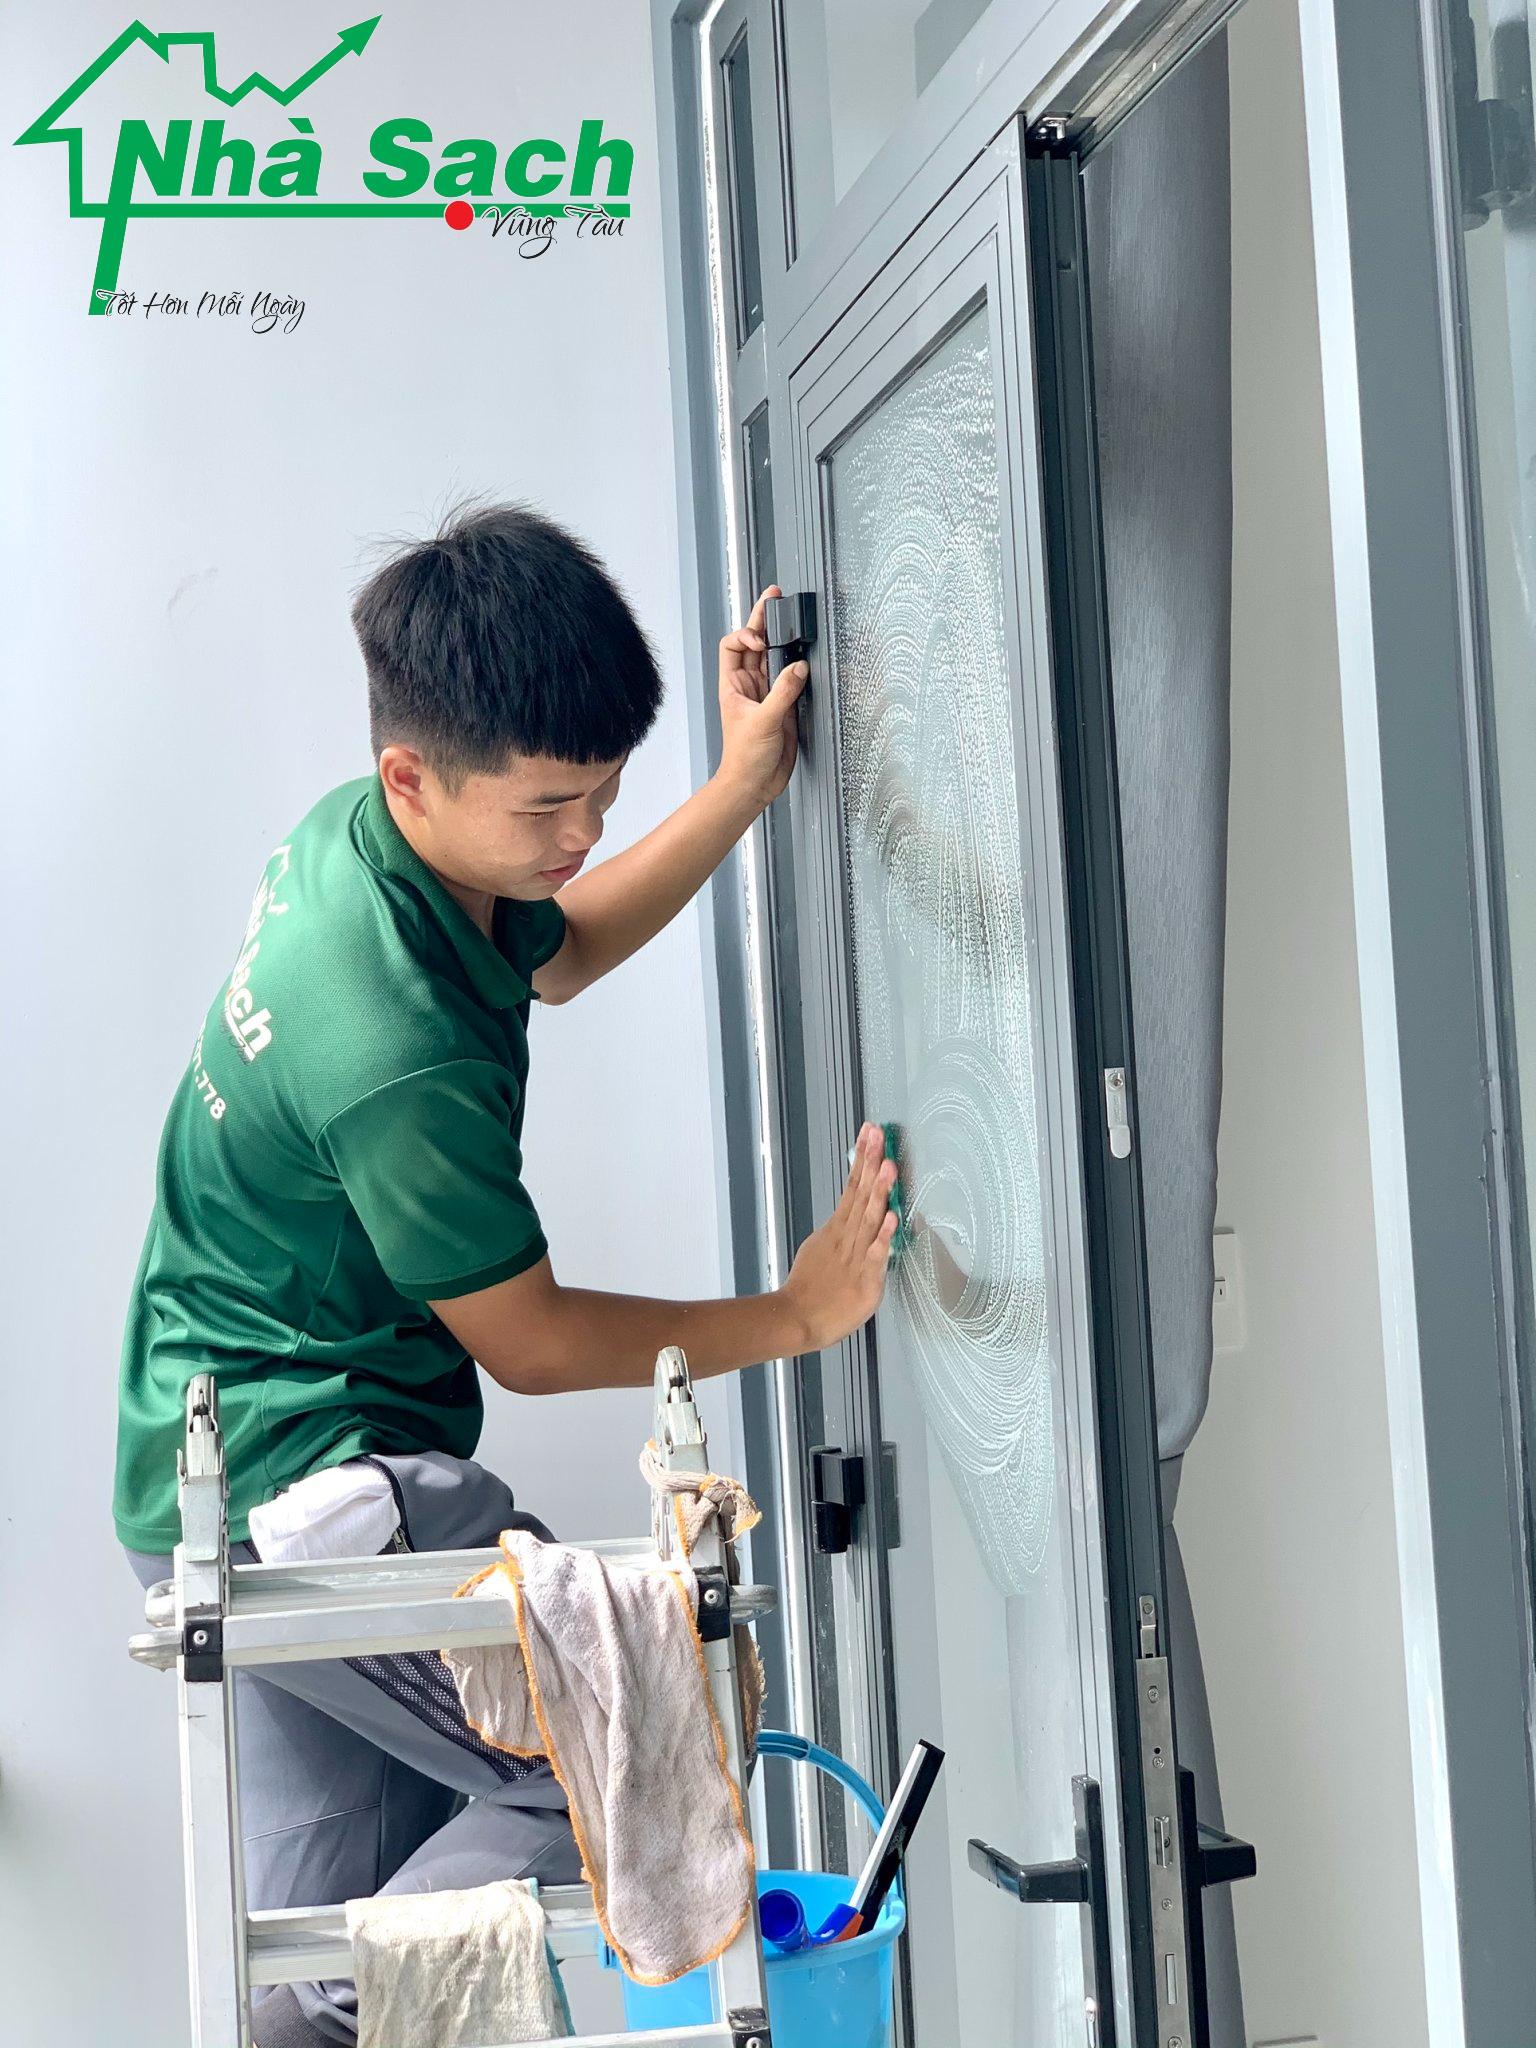 Đội ngũ nhân viên làm việc chuyên nghiệp. Sử dụng dụng cụ và chất tẩy riêng để làm sạch mà không ảnh hưởng chất lượng vật dụng, đồ dùng bên trong nhà!